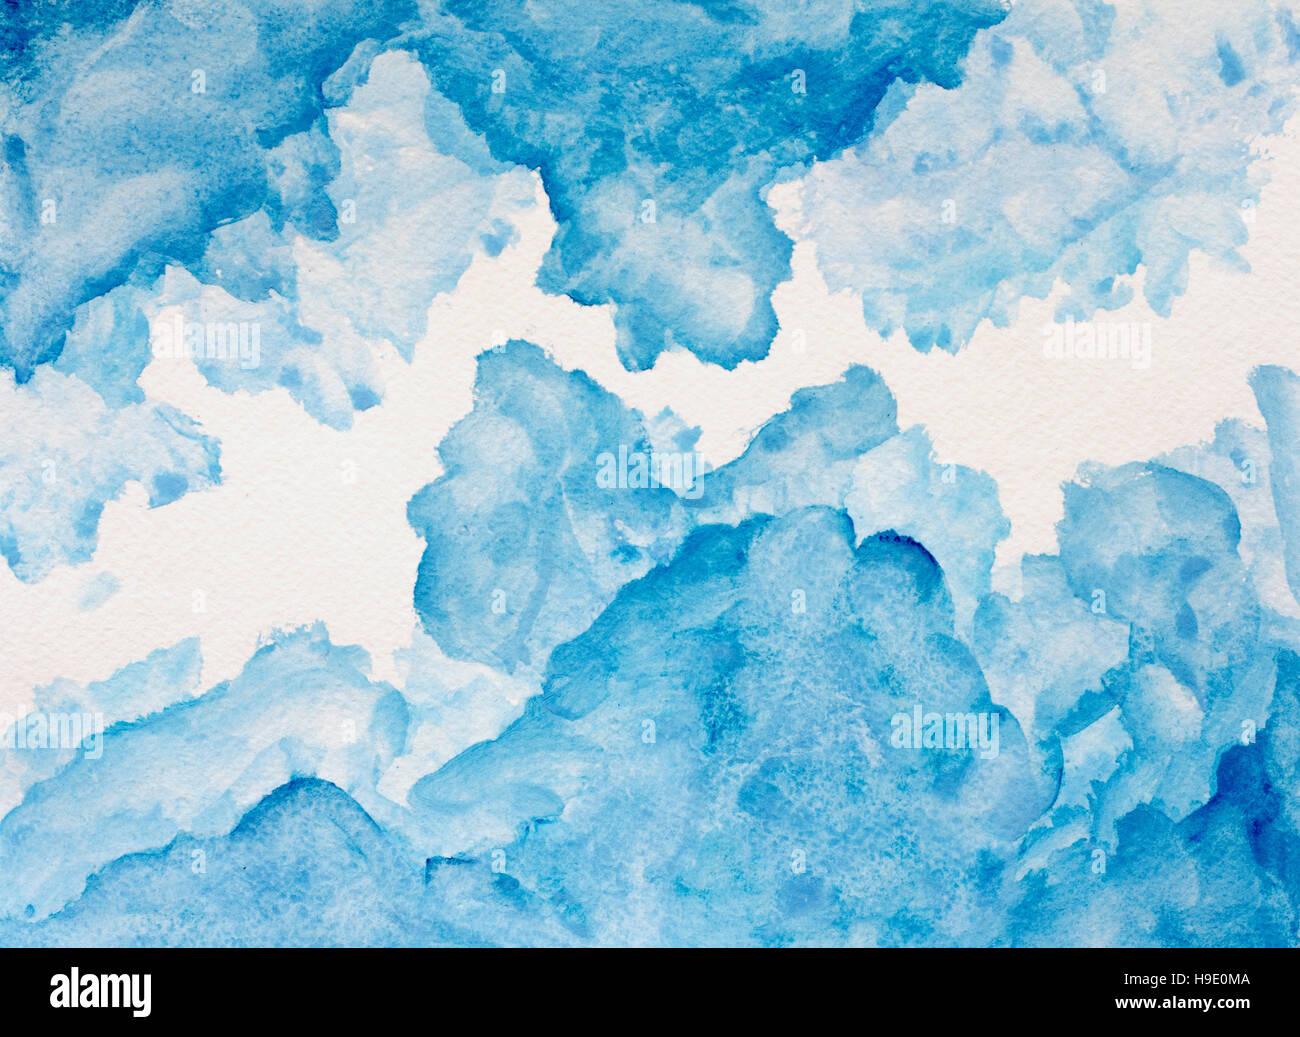 Blu sullo sfondo ad acquarello dipinto a mano su bianco Immagini Stock